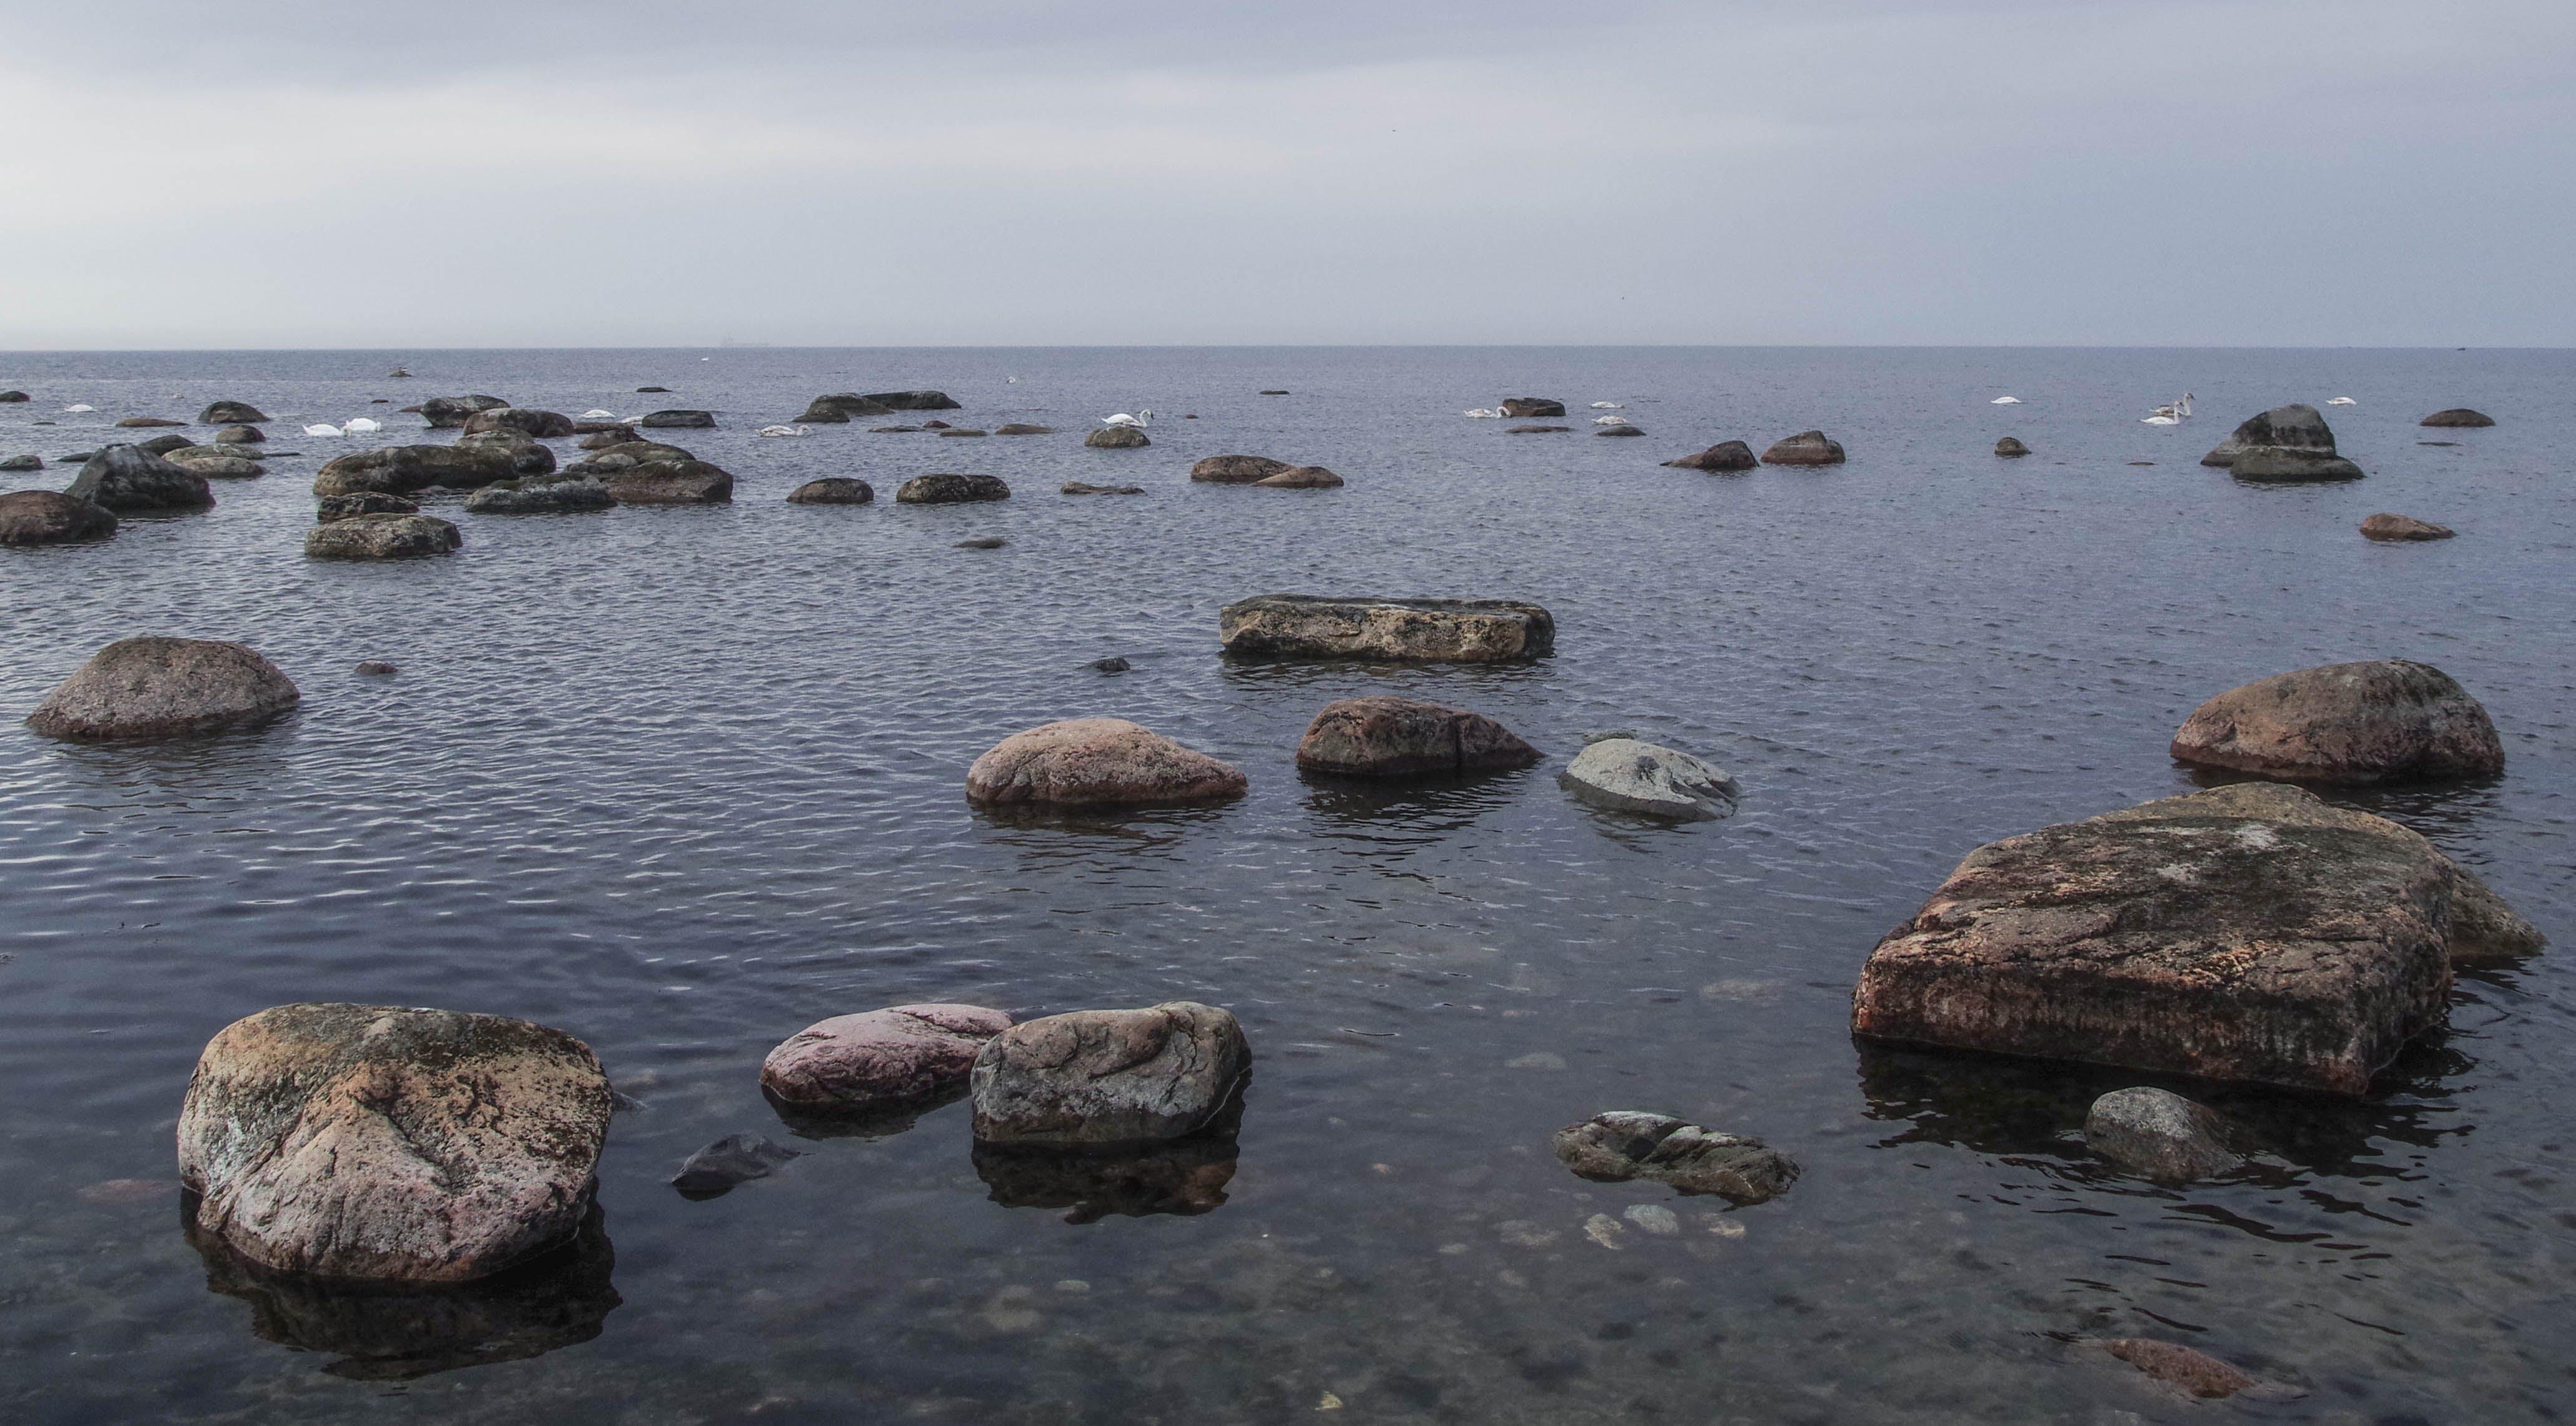 dovolená, kámen, kameny